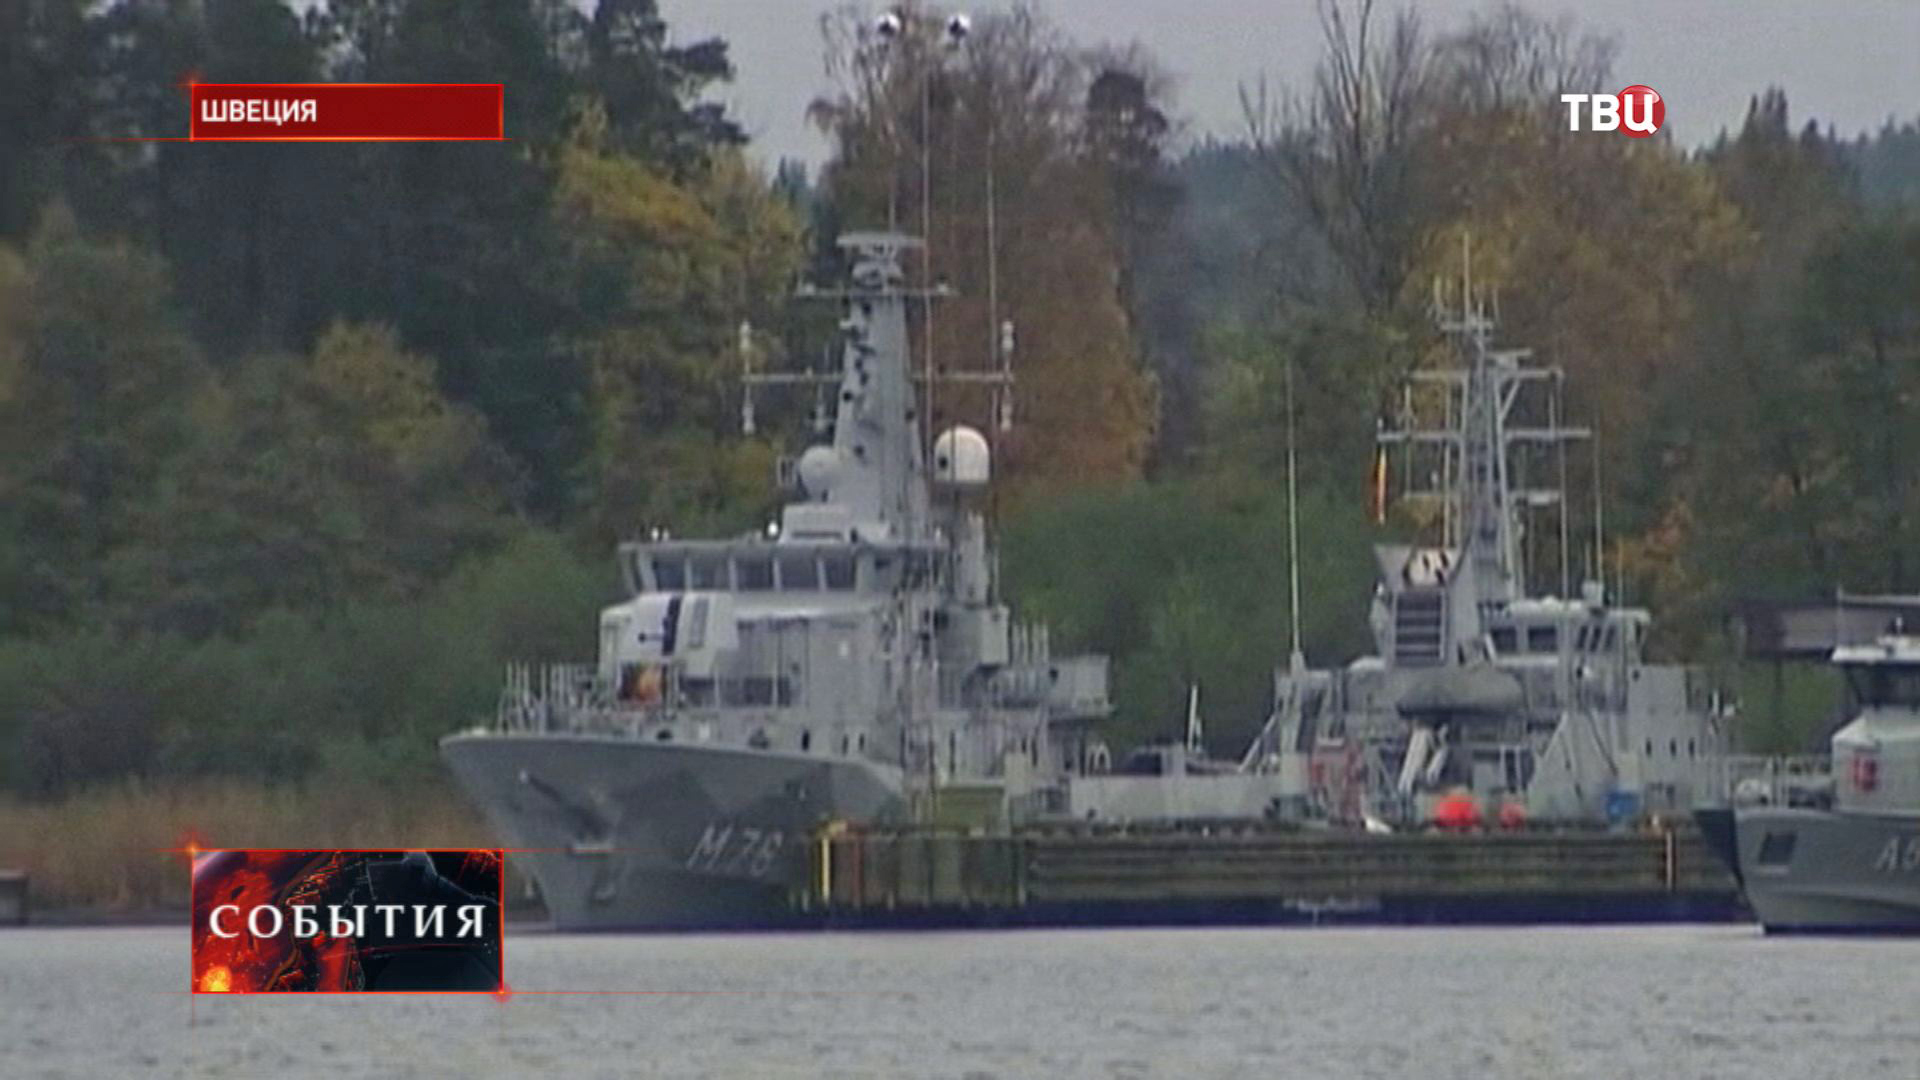 Военные корабли в Швеции